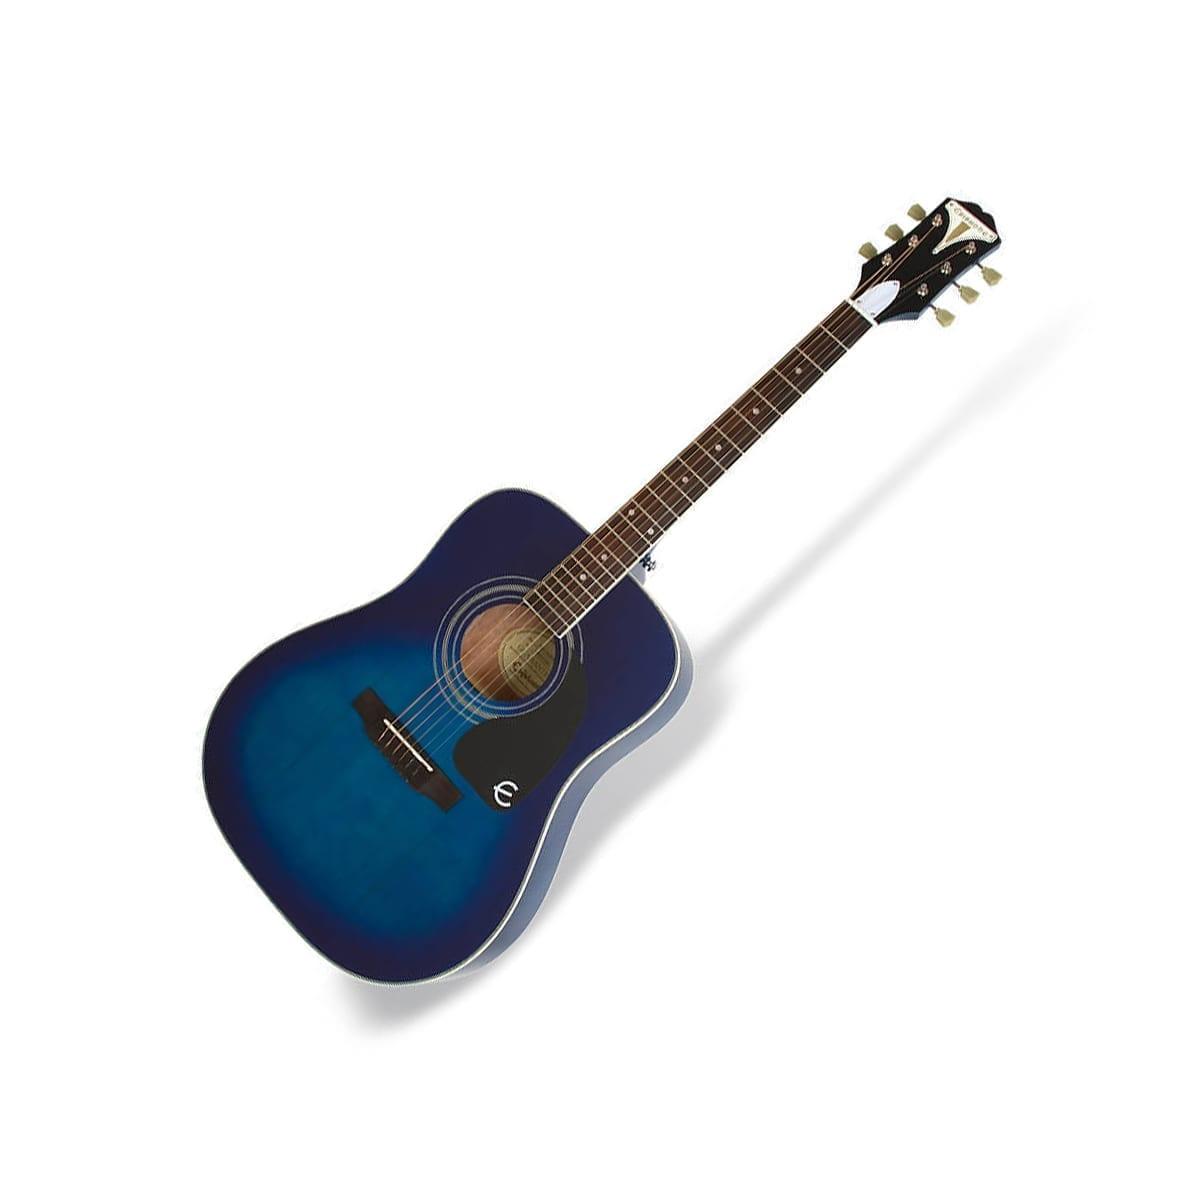 Epiphone Pro 1 Plus Acoustic Trans Blue